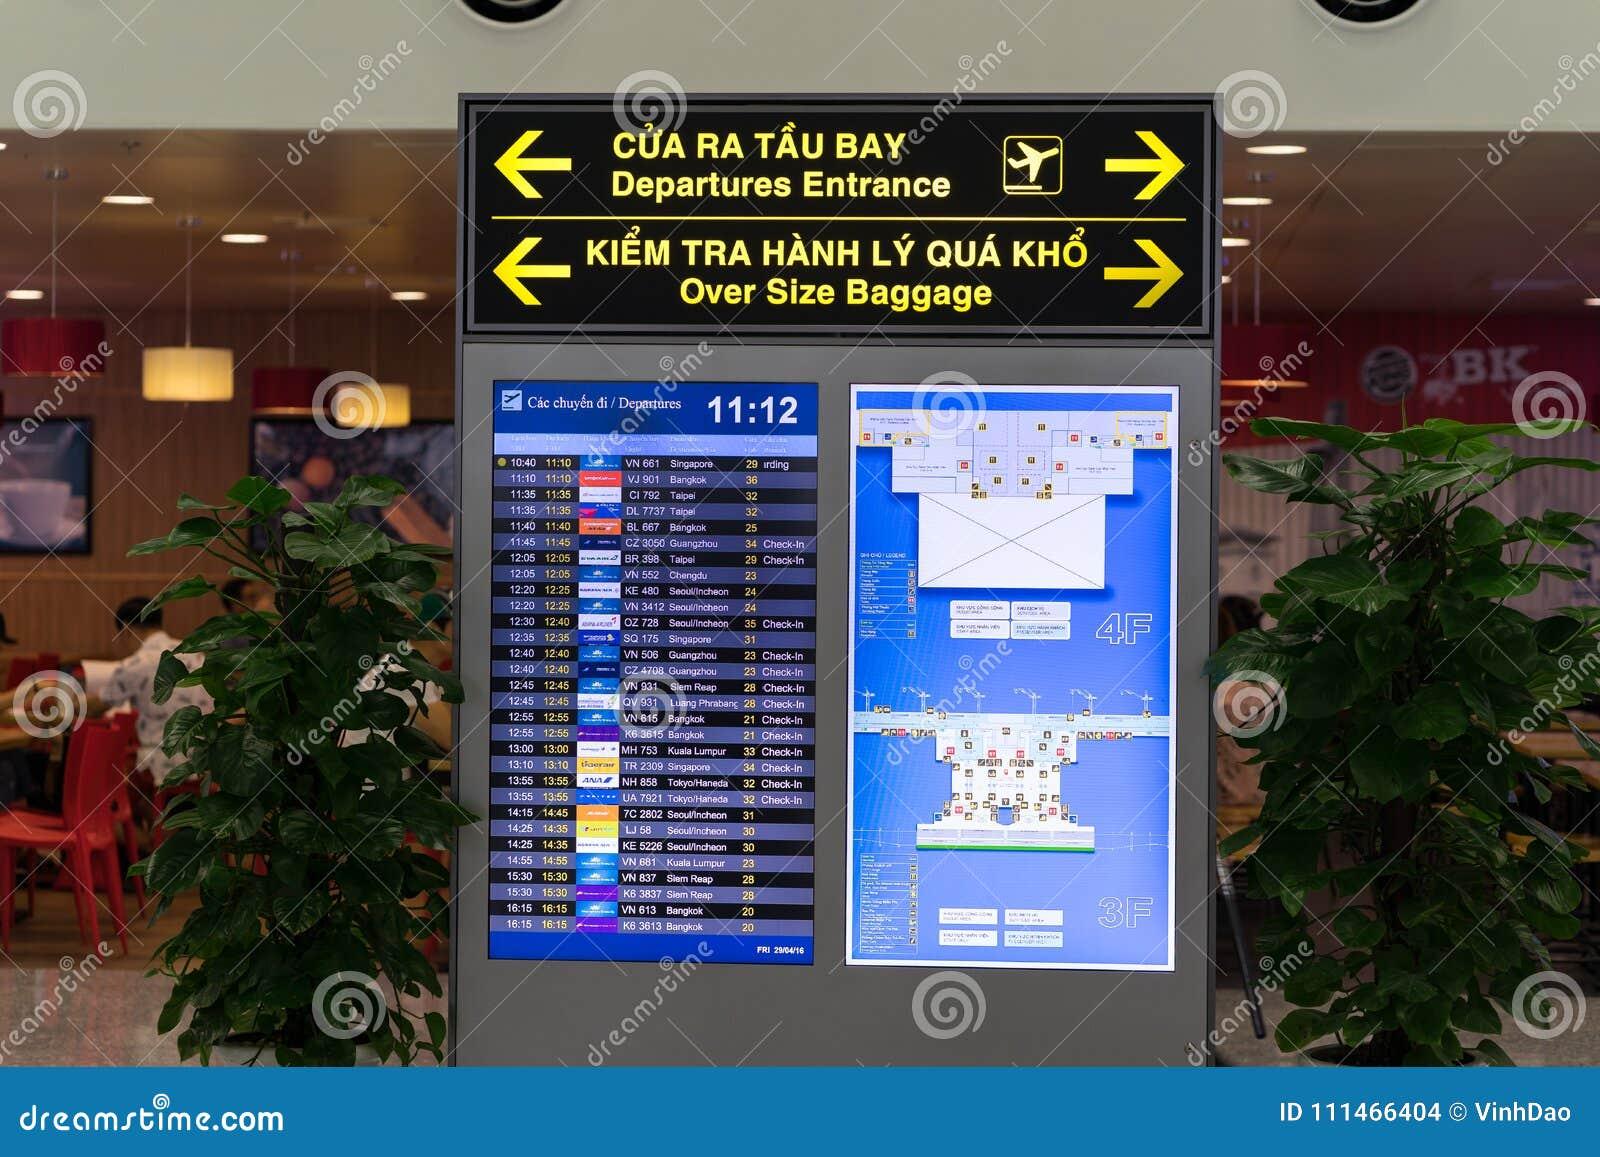 Hanoi, Vietnam - 29 April, 2016: Luchthaven LEIDENE vertoning voor vertrektijden en bestemmingen bij de internationale luchthaven